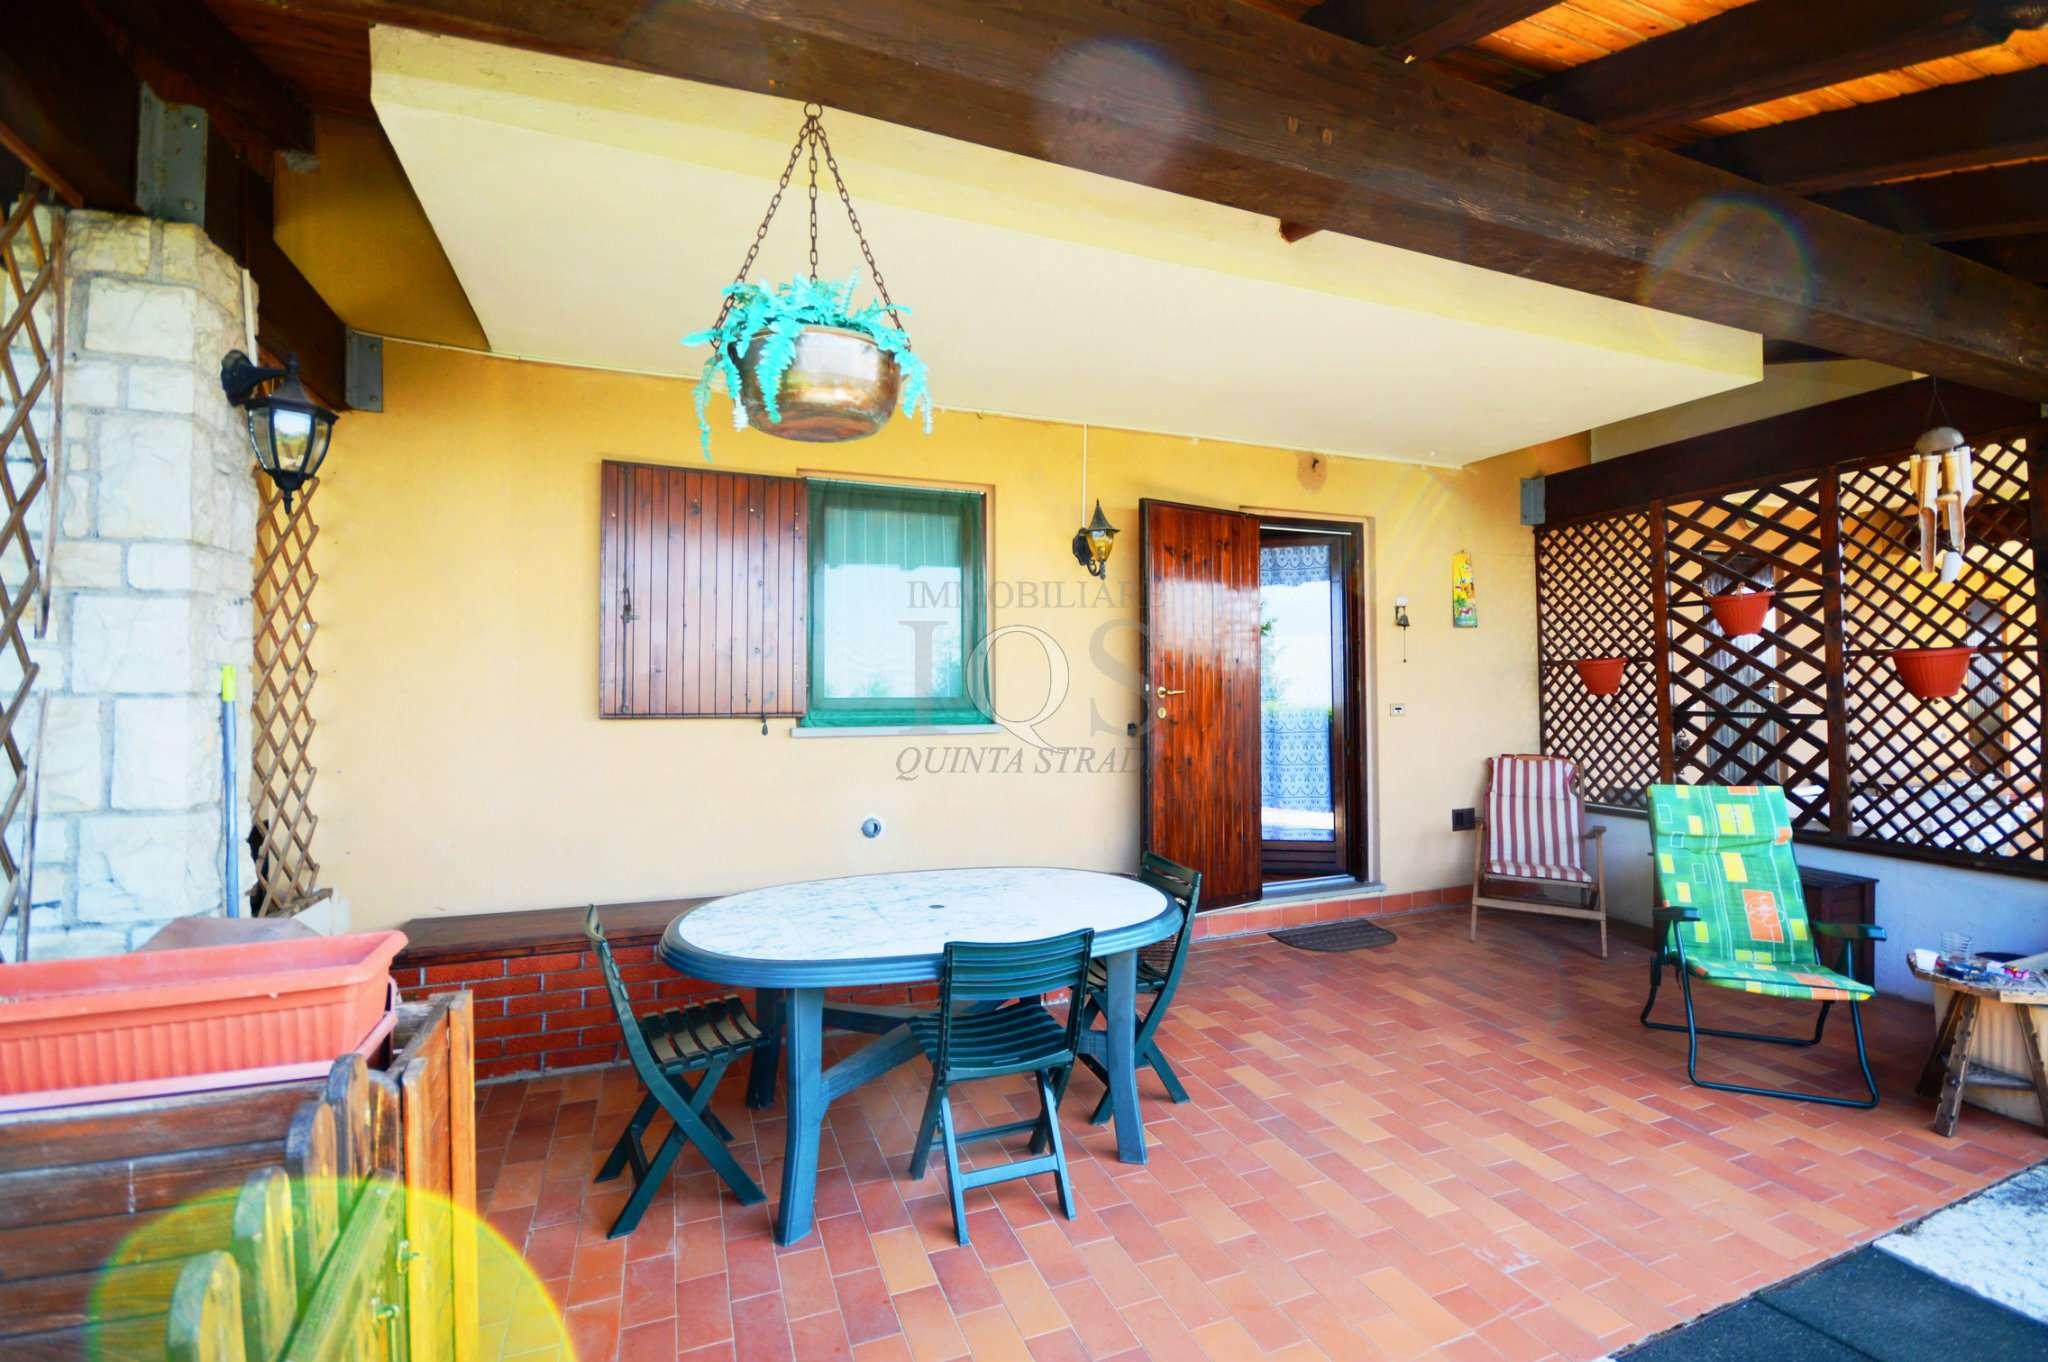 Appartamento in vendita a Grone, 3 locali, prezzo € 49.000 | PortaleAgenzieImmobiliari.it